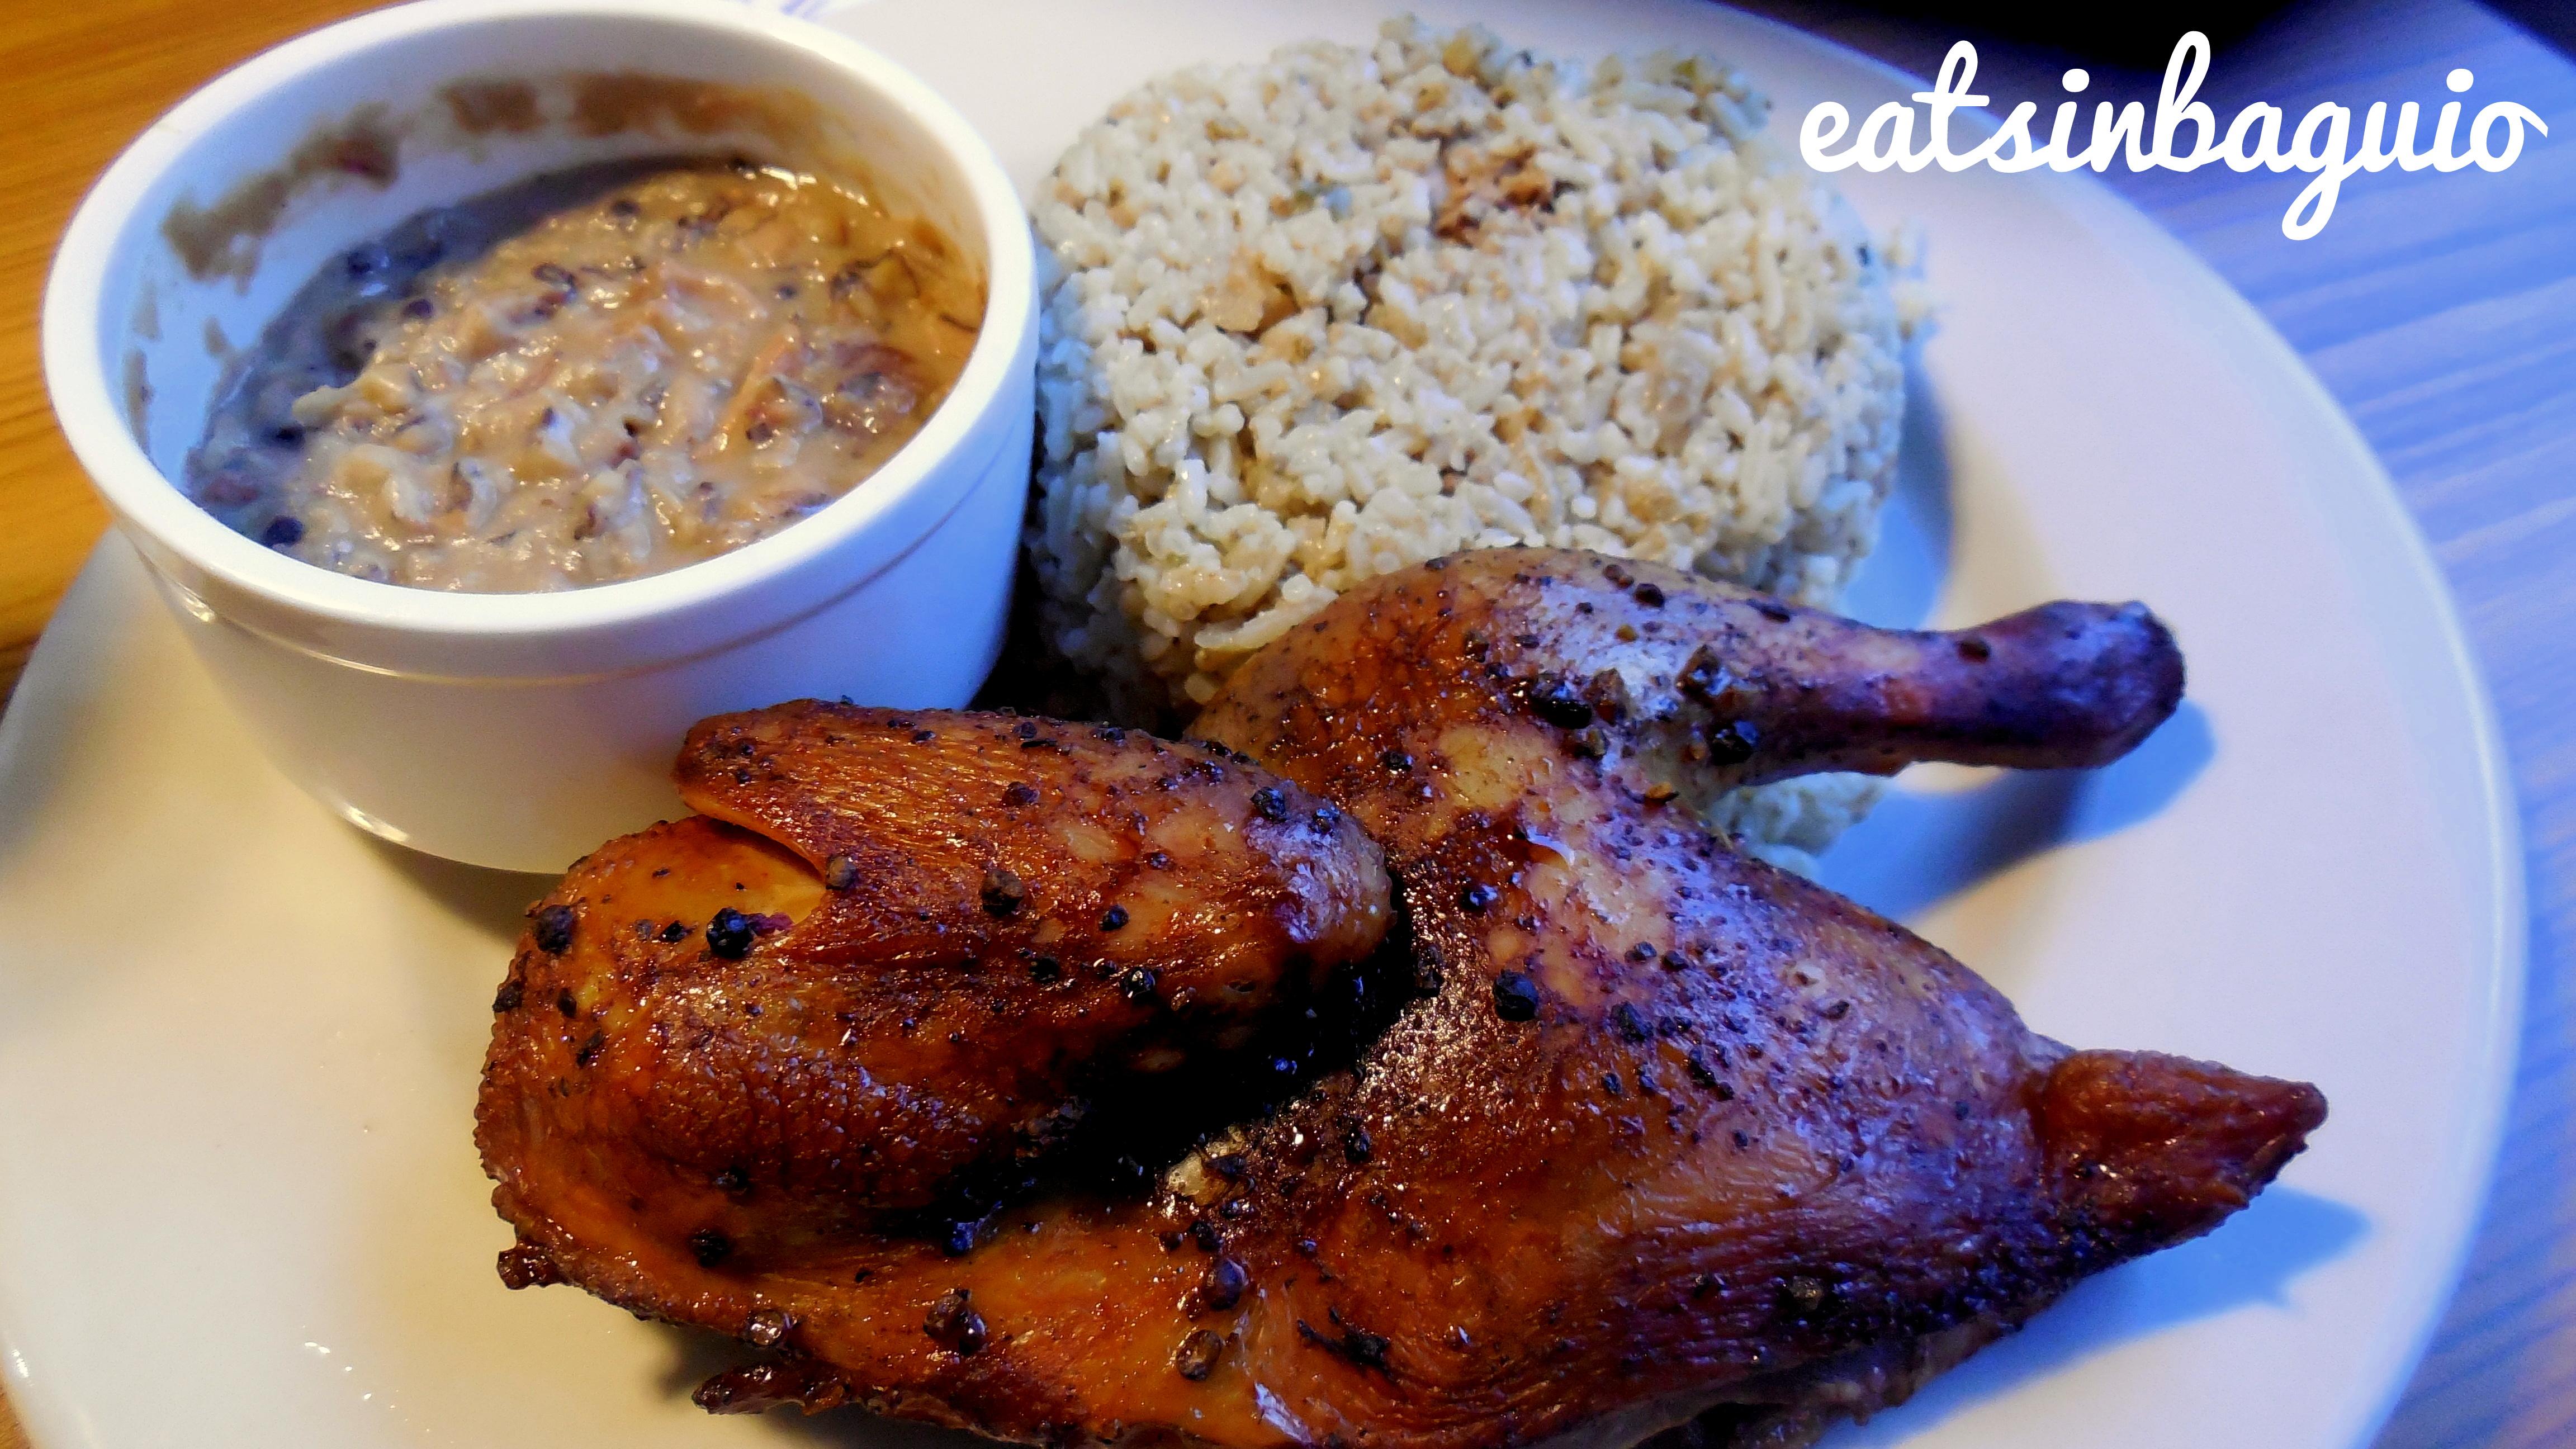 Hickory Smoked Chicken with Dirty Rice and Smokin' Joe